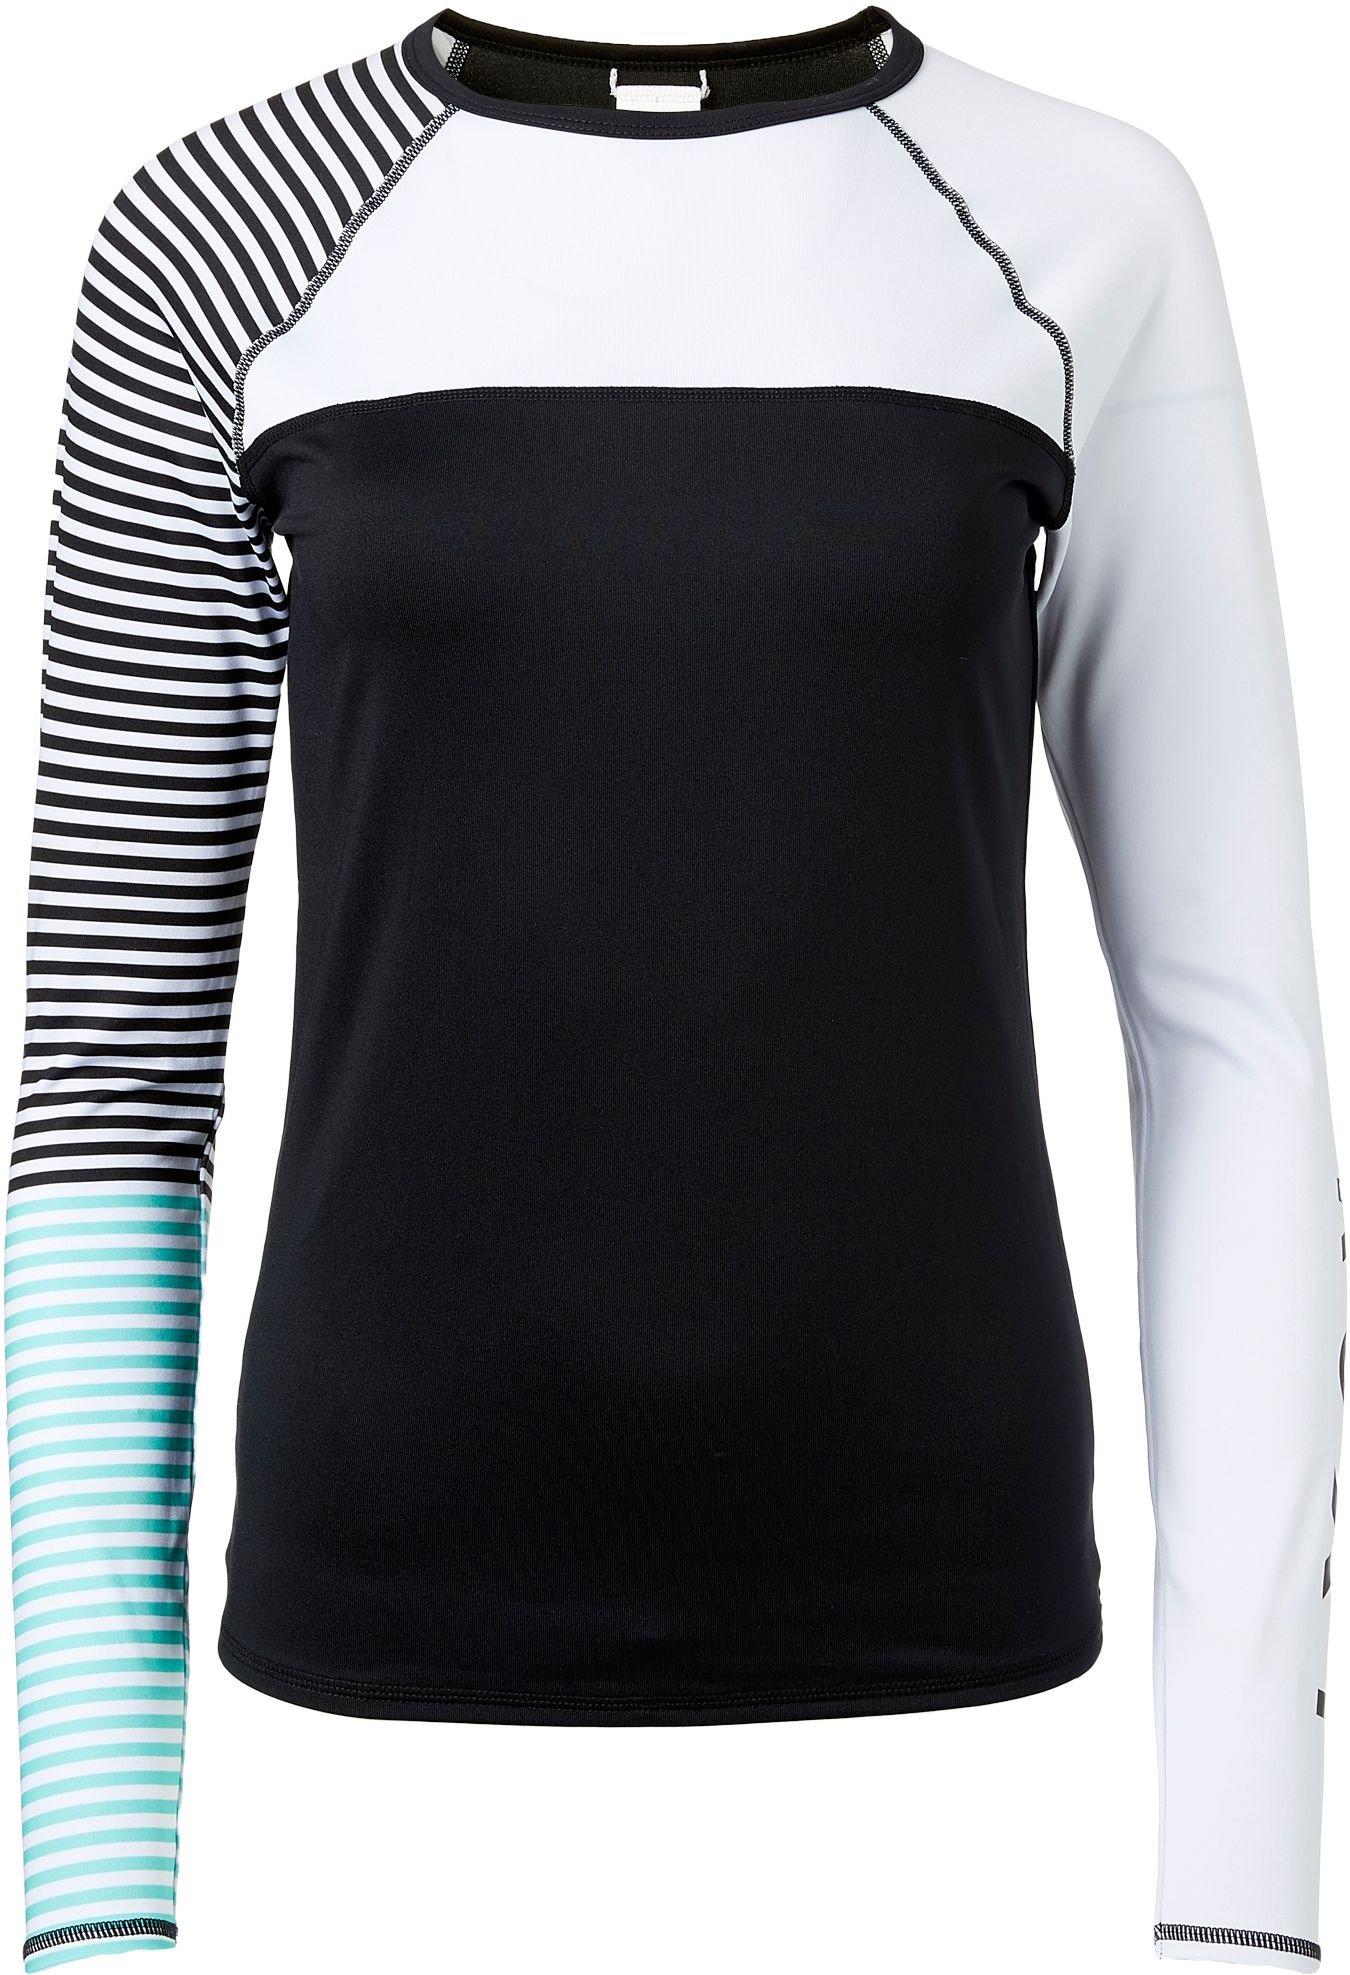 Roxy Women's Stripe Long Sleeve Rash Guard (Pool Blue, S)